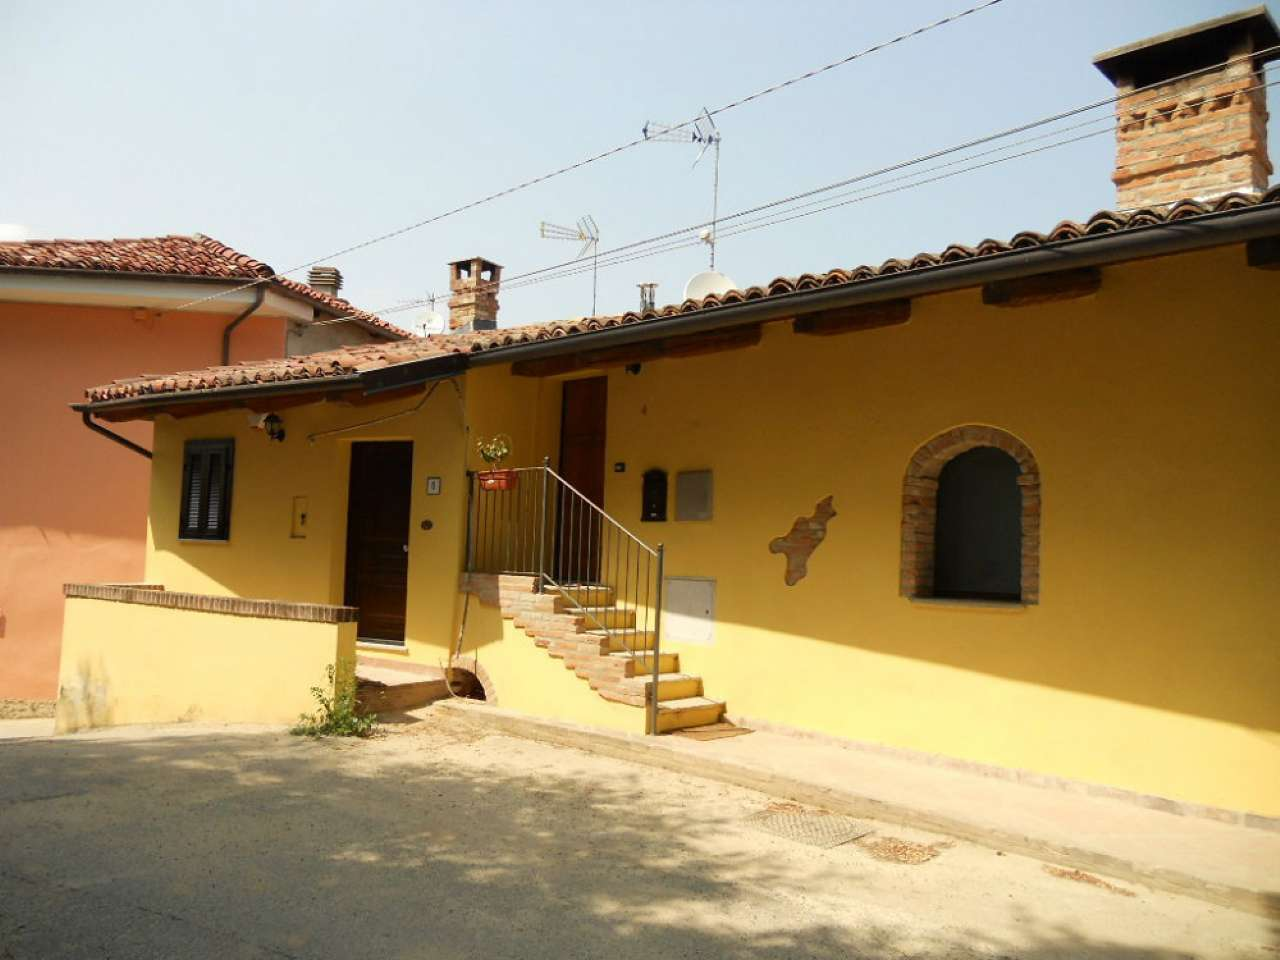 Appartamento in vendita a Castelnuovo Don Bosco, 2 locali, prezzo € 75.000 | Cambio Casa.it